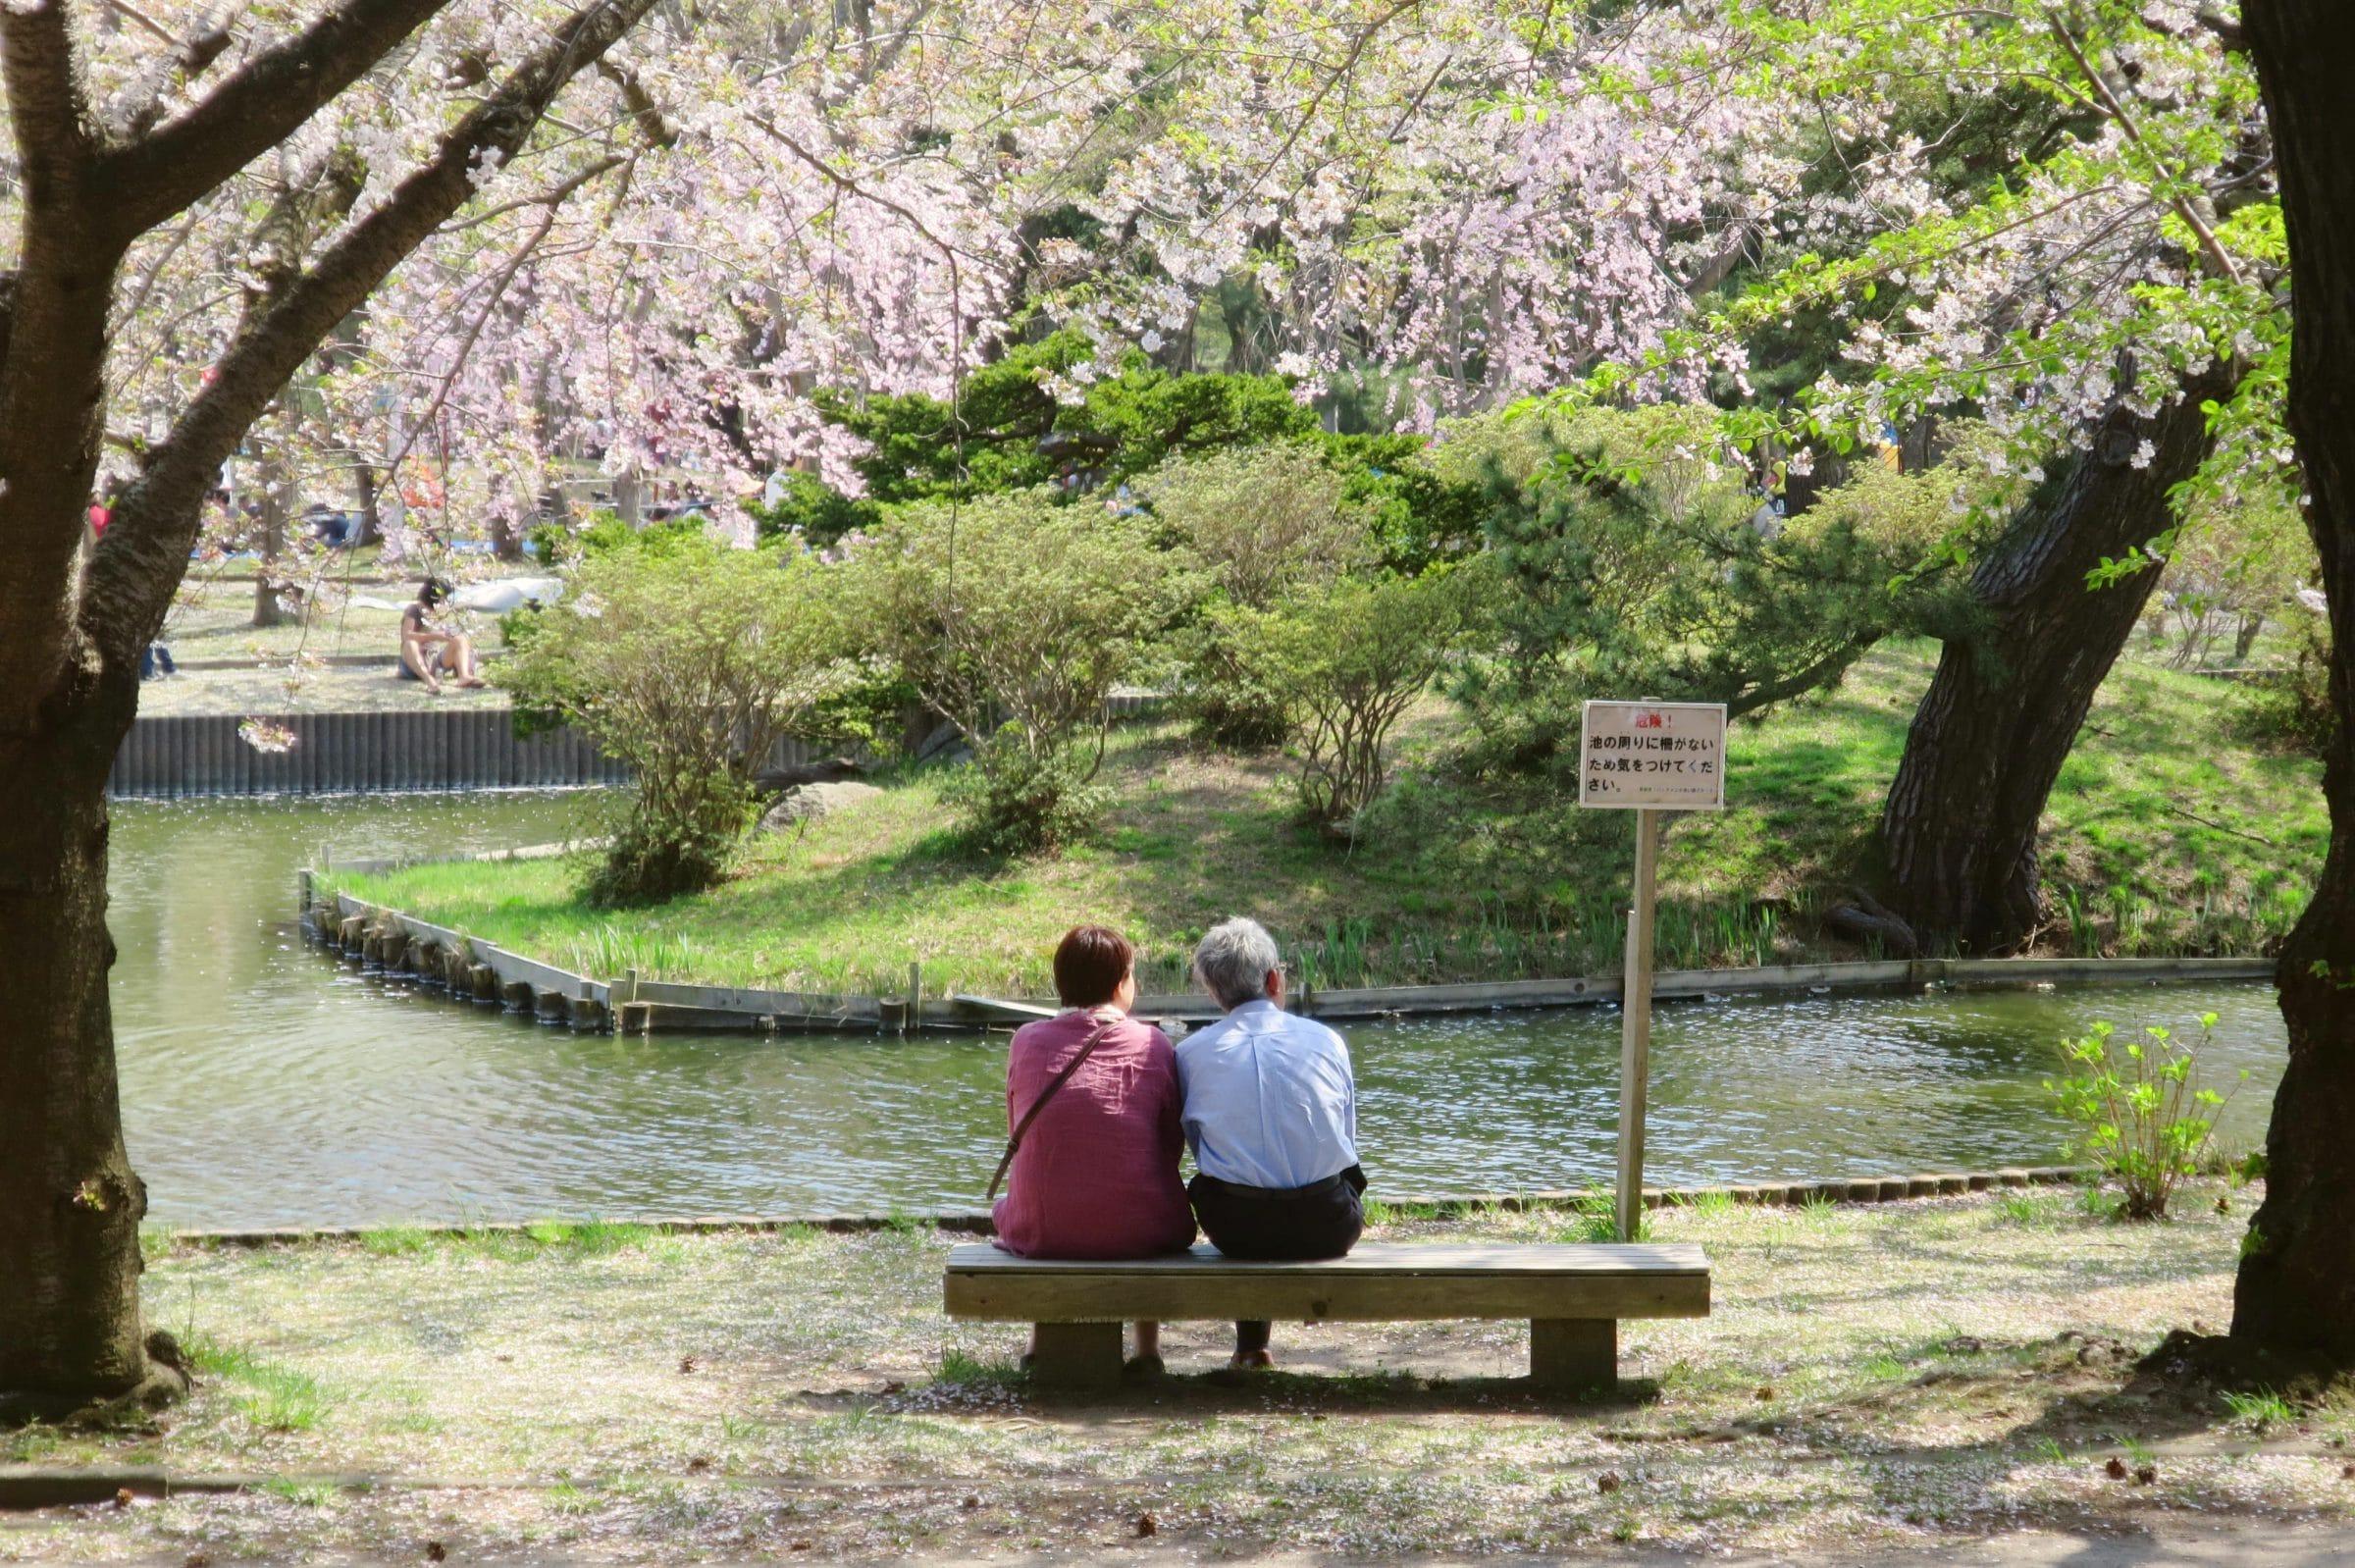 青森不只弘前城可以賞櫻花!青森在地人才知道的合浦公園